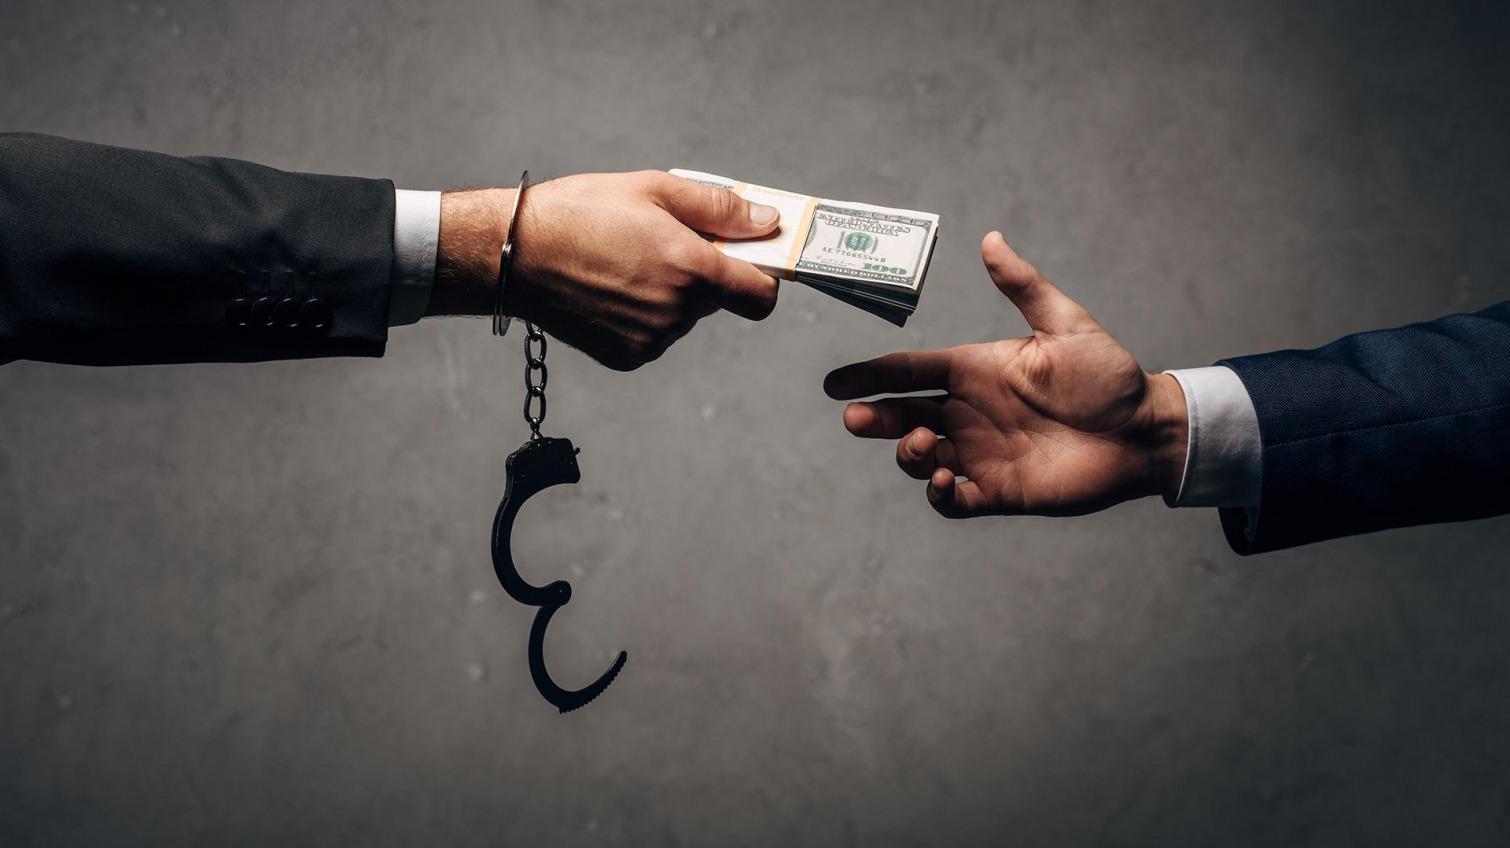 Одесская область — в лидерах по коррупционным преступлениям, — прокуратура «фото»